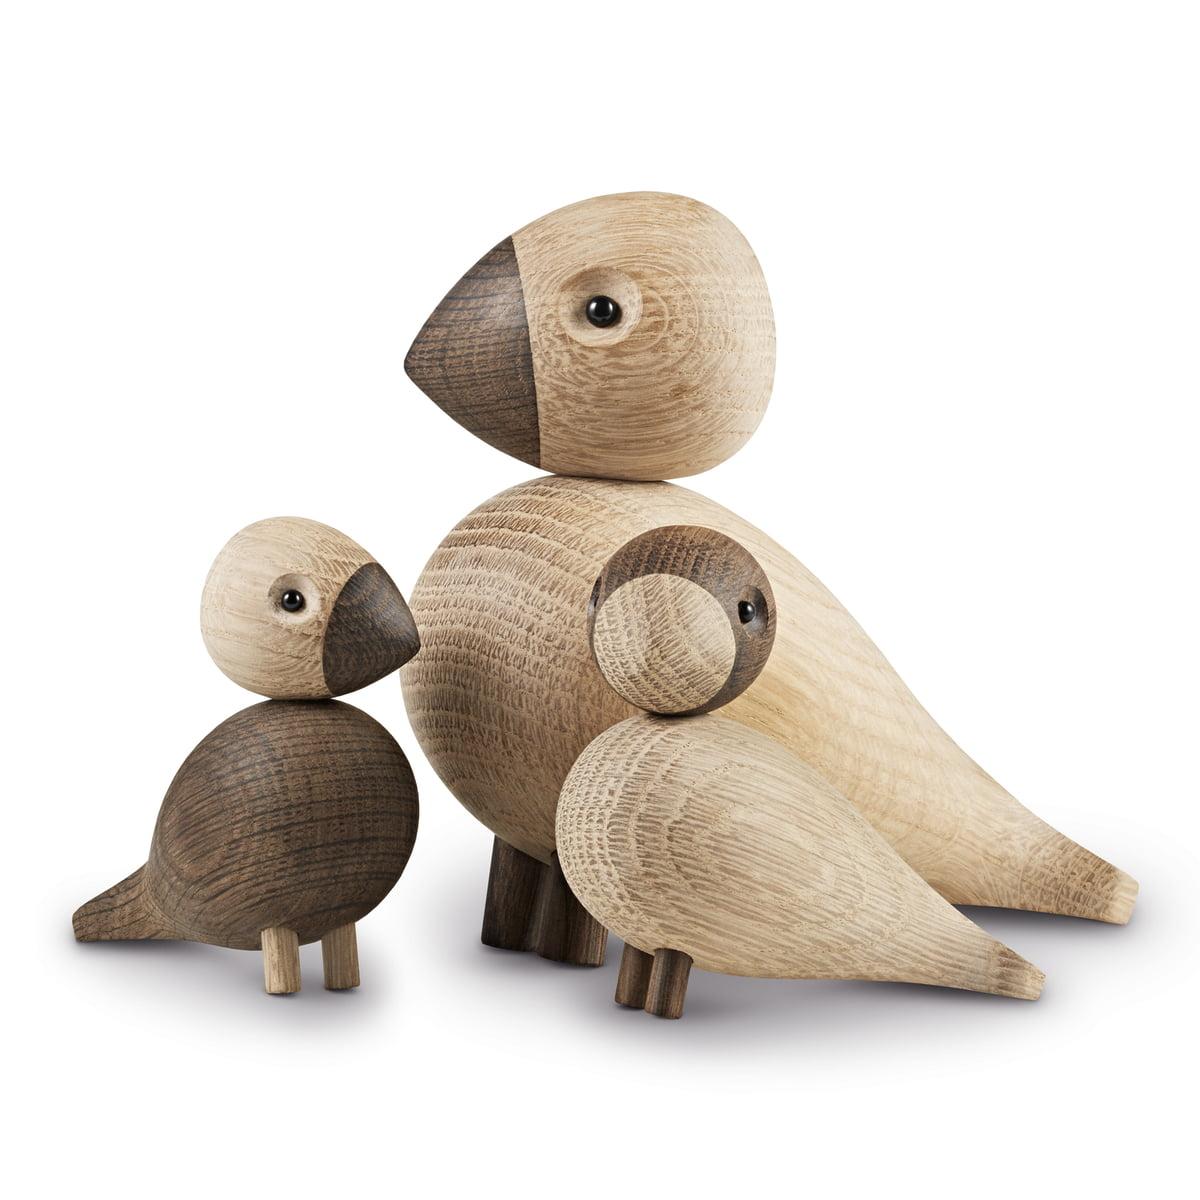 Kæmpestor Kay Bojesen Singing Birds in the design shop FF11